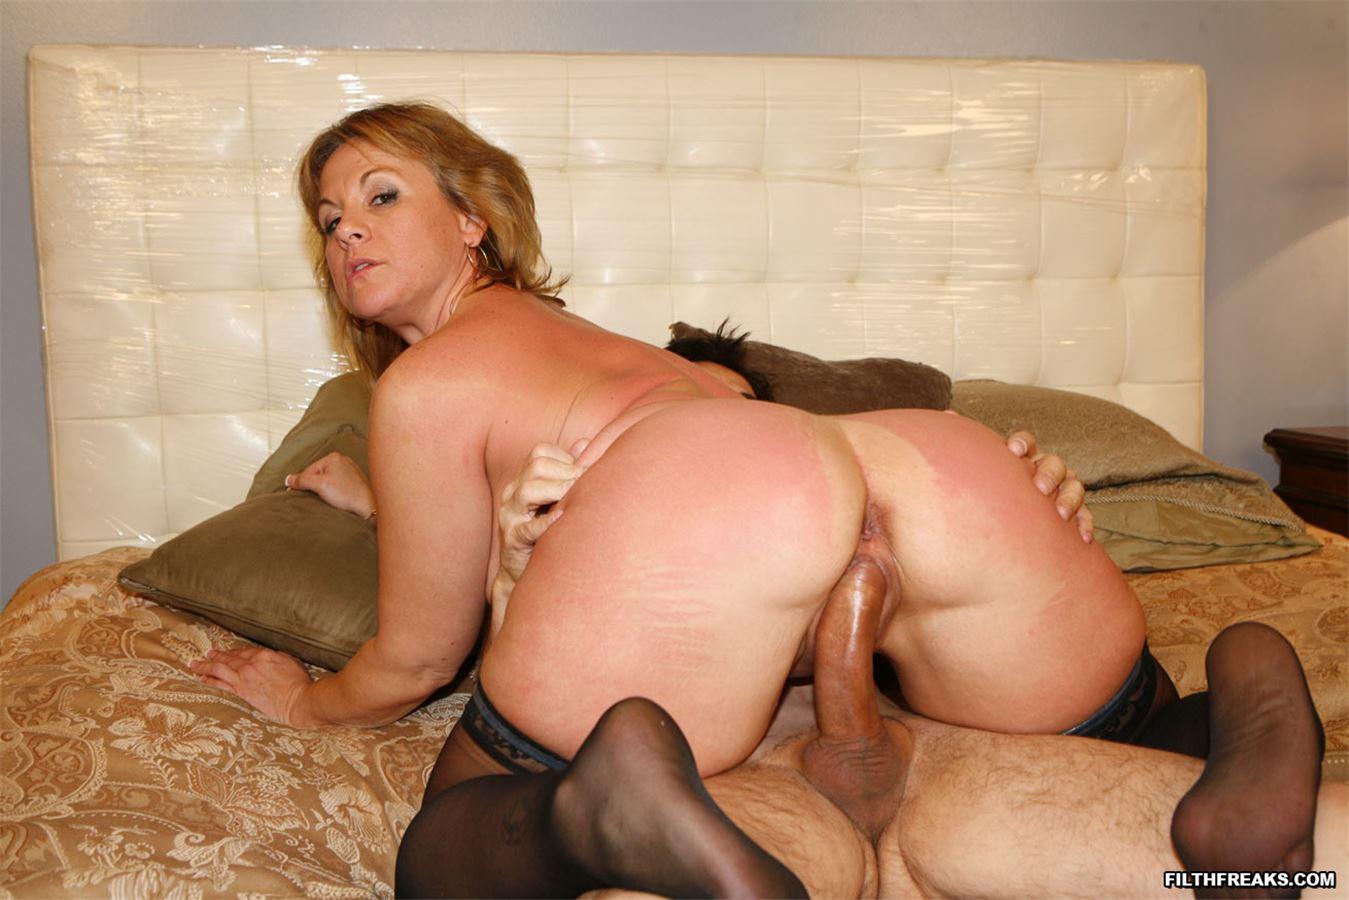 Секс с домохозяйкой в чулках смотреть онлайн 6 фотография